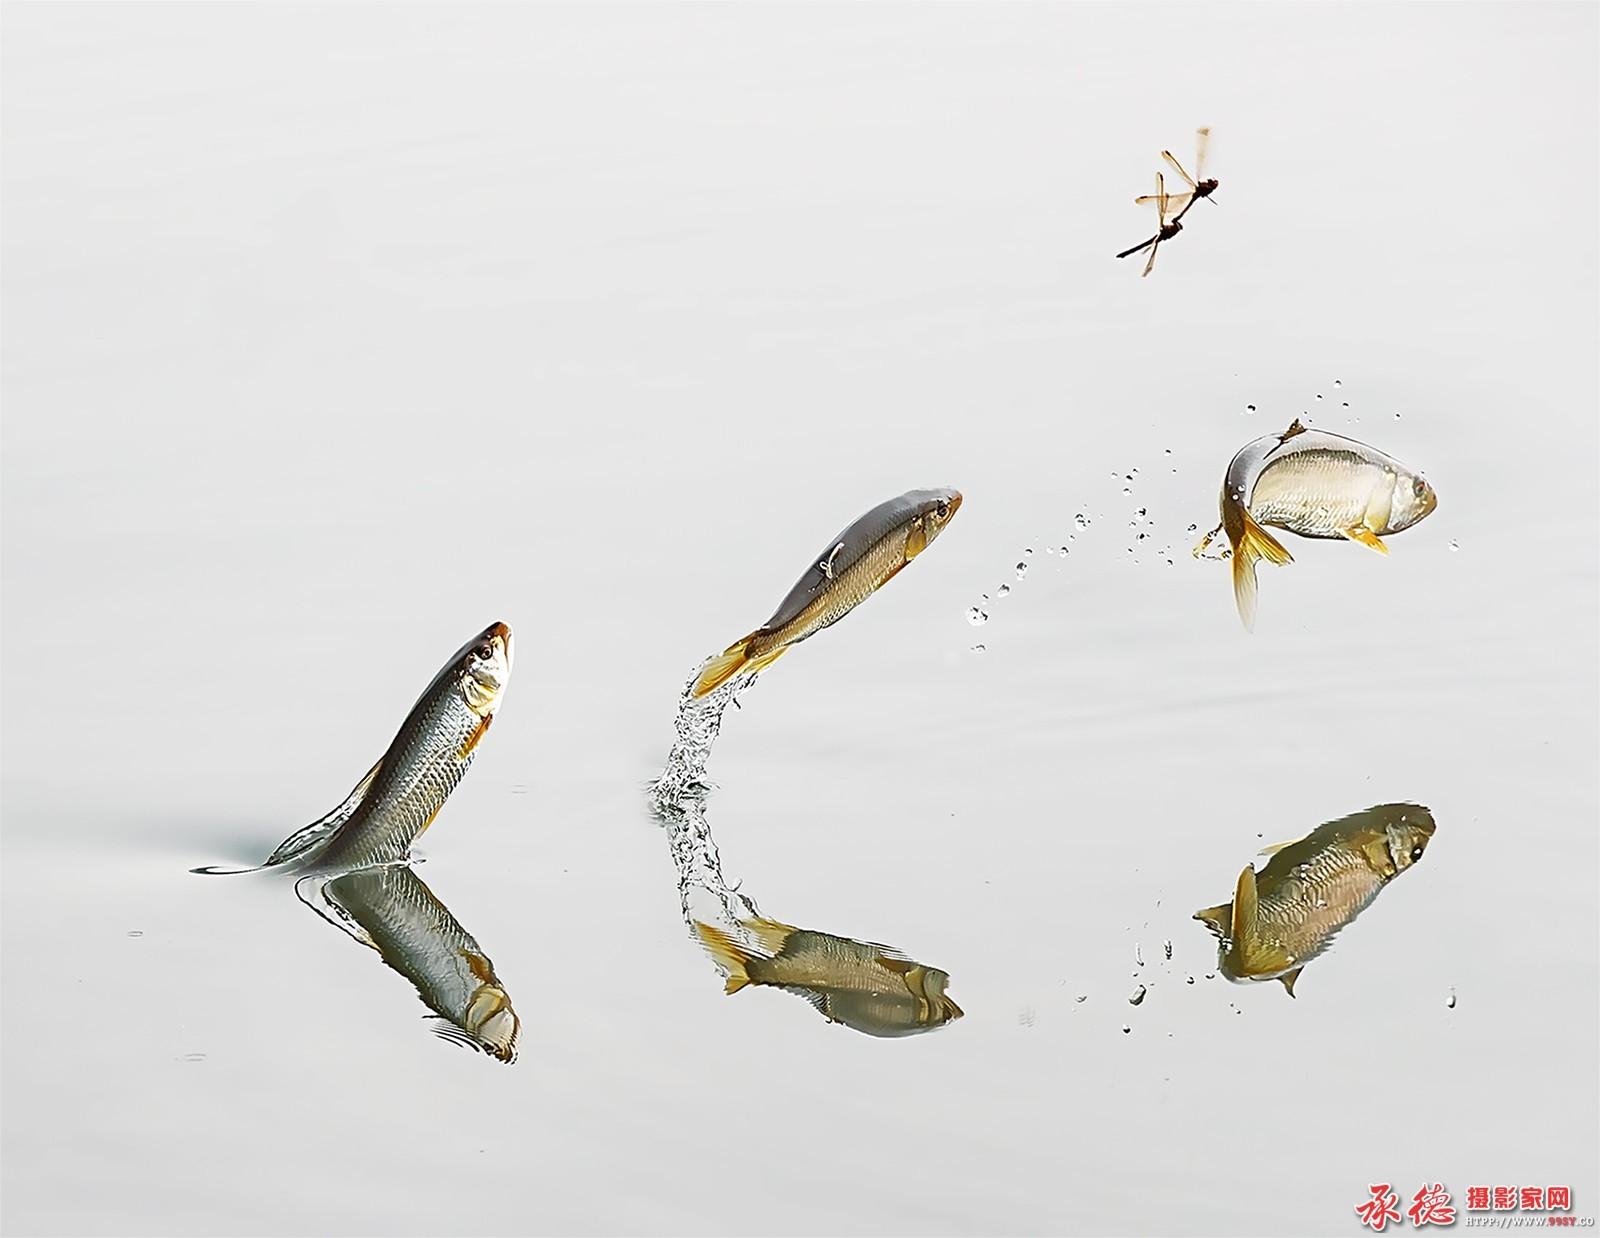 鱼戏蜻蜓——作者:学图工